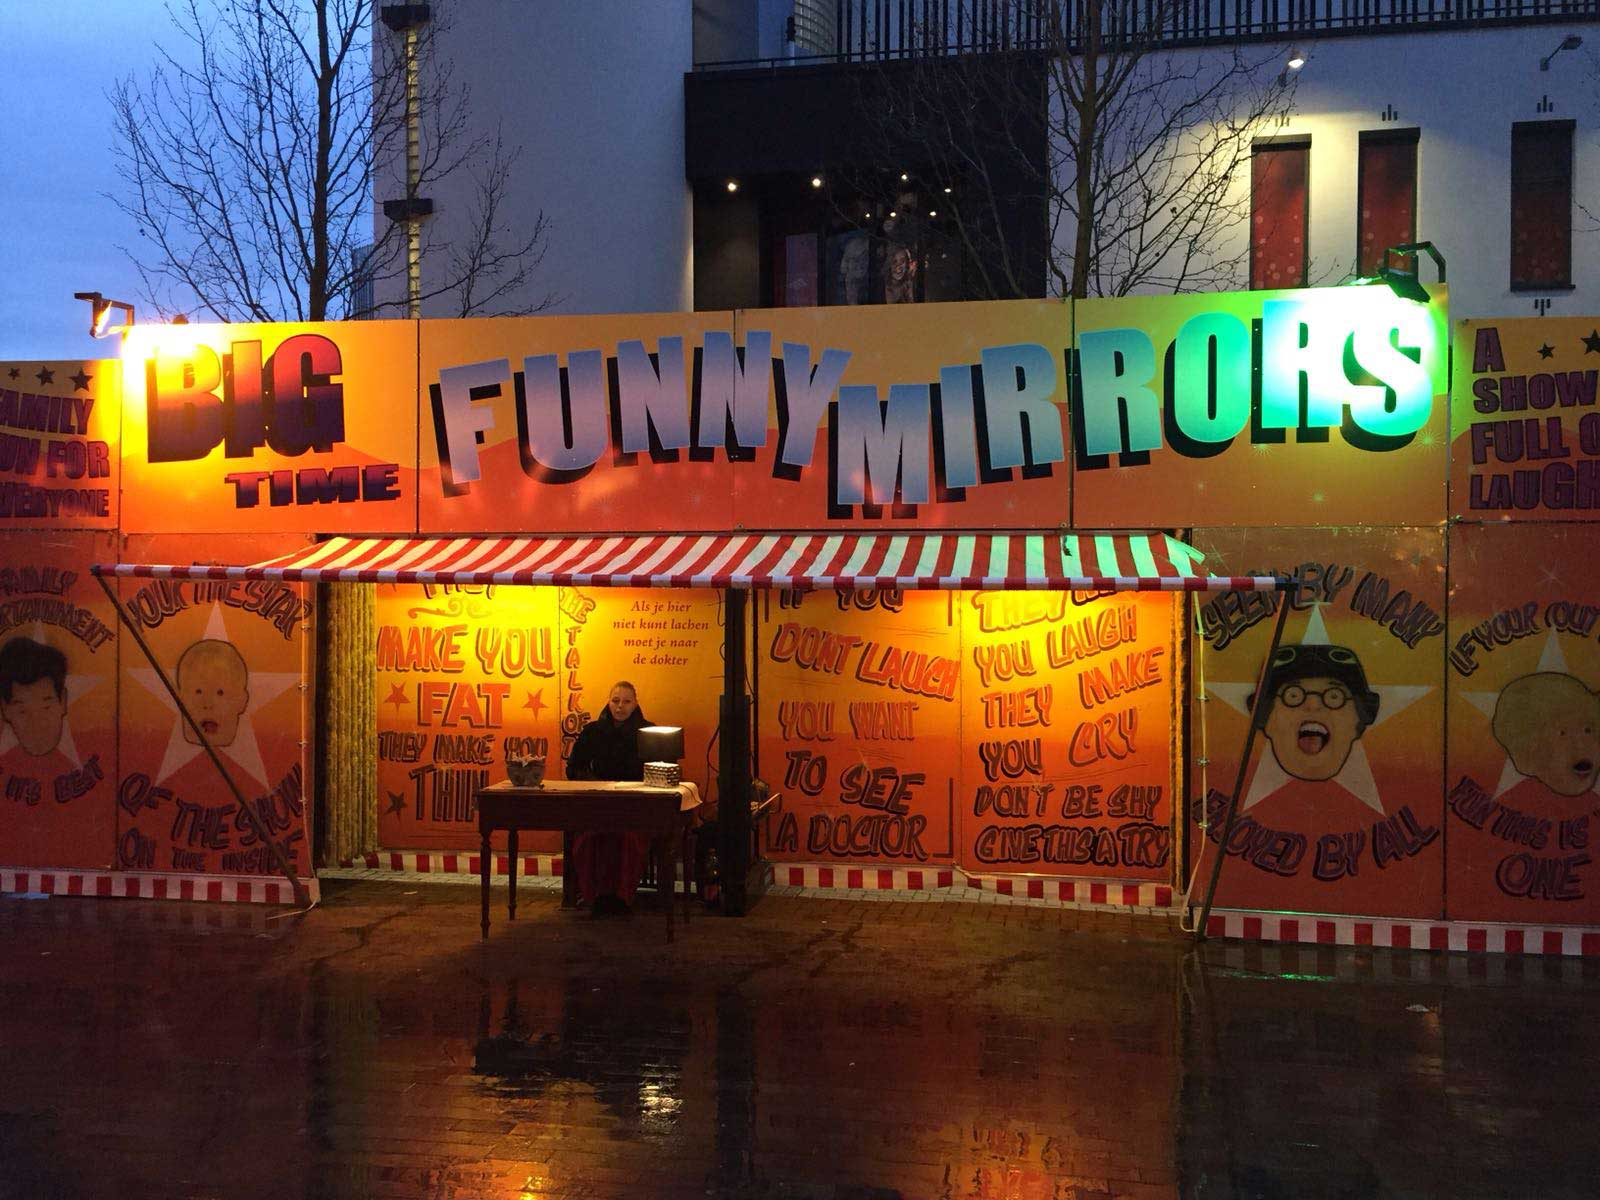 Funny mirrors is een lachspiegel attractie uit de jaren 50